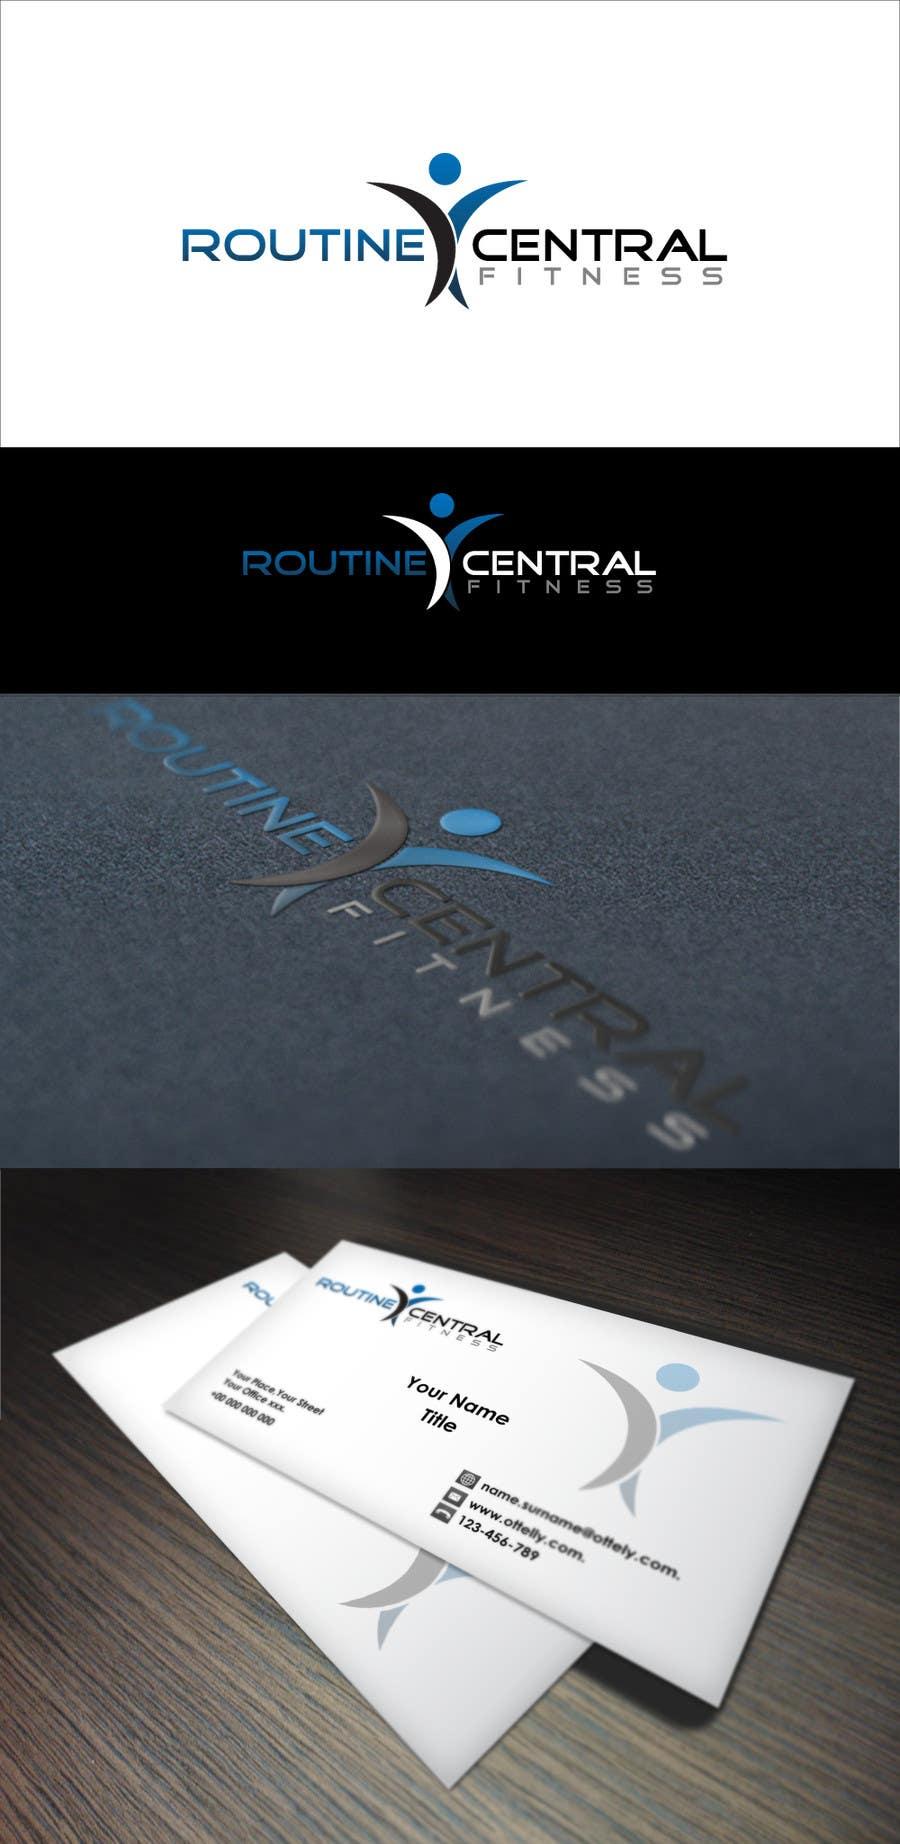 Penyertaan Peraduan #35 untuk Design a Logo for new Fitness Company